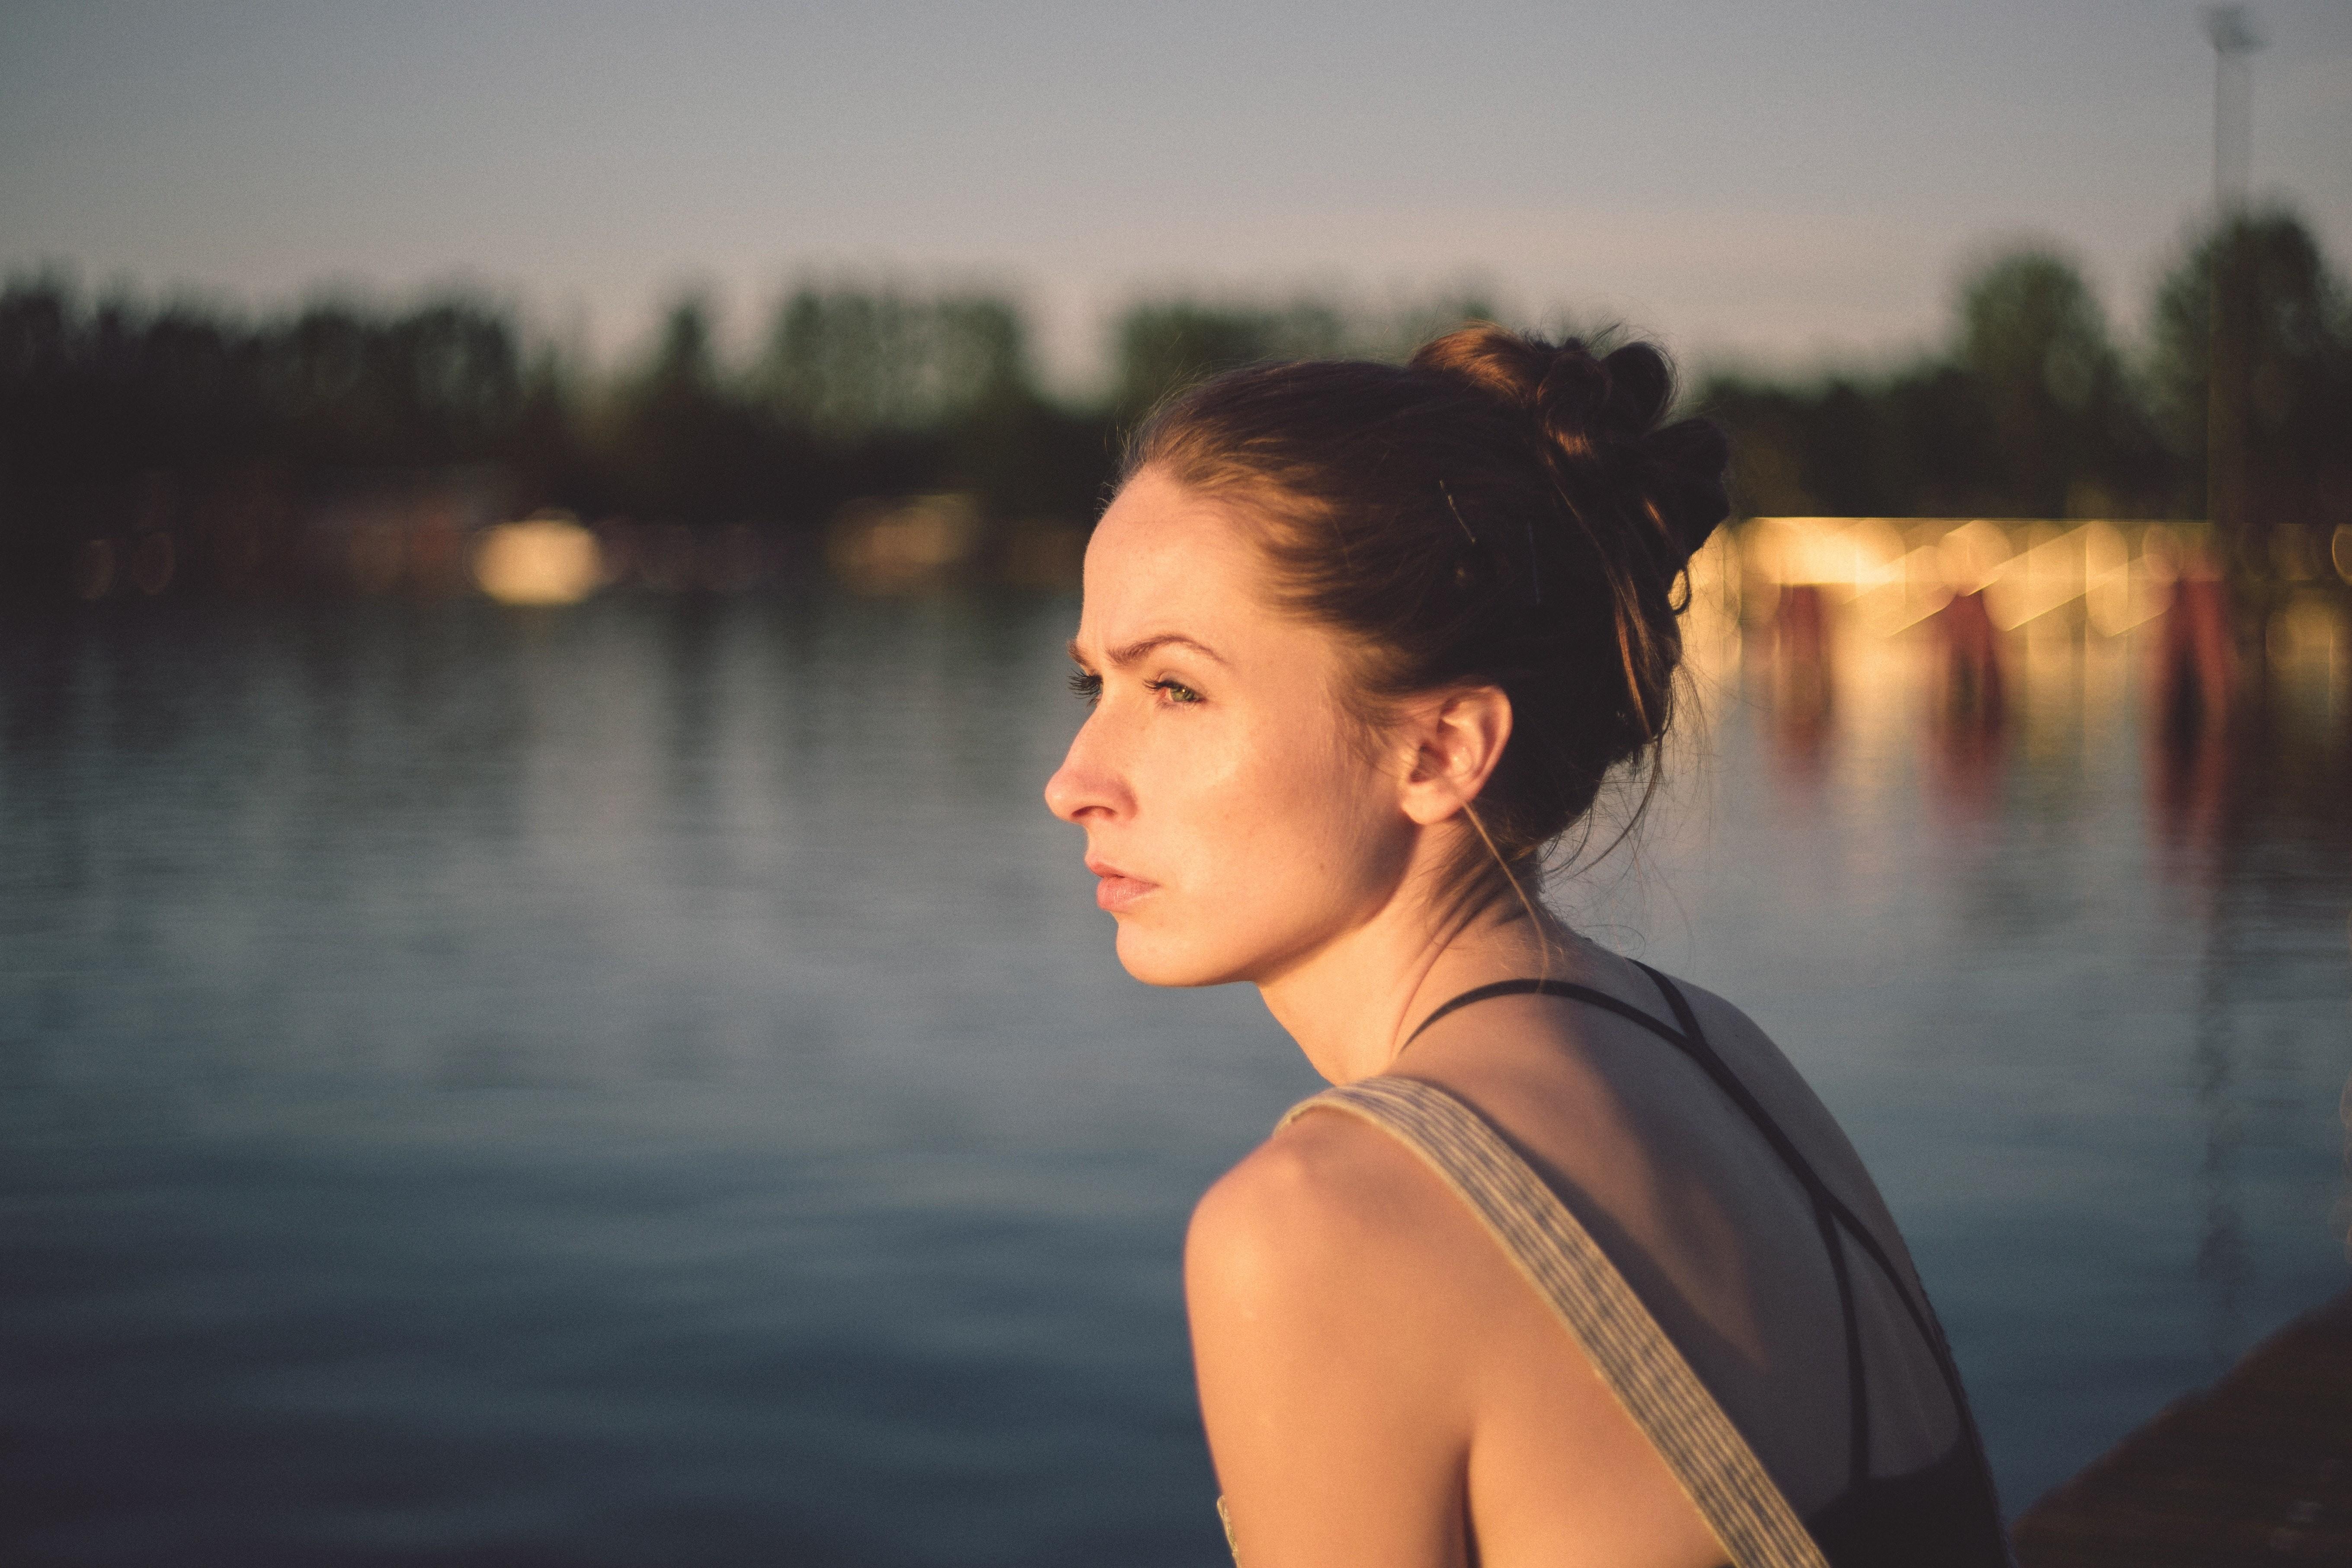 Откровения психолога: история пациентки, которая из-за нелюбви к себе терпела придирки мужа